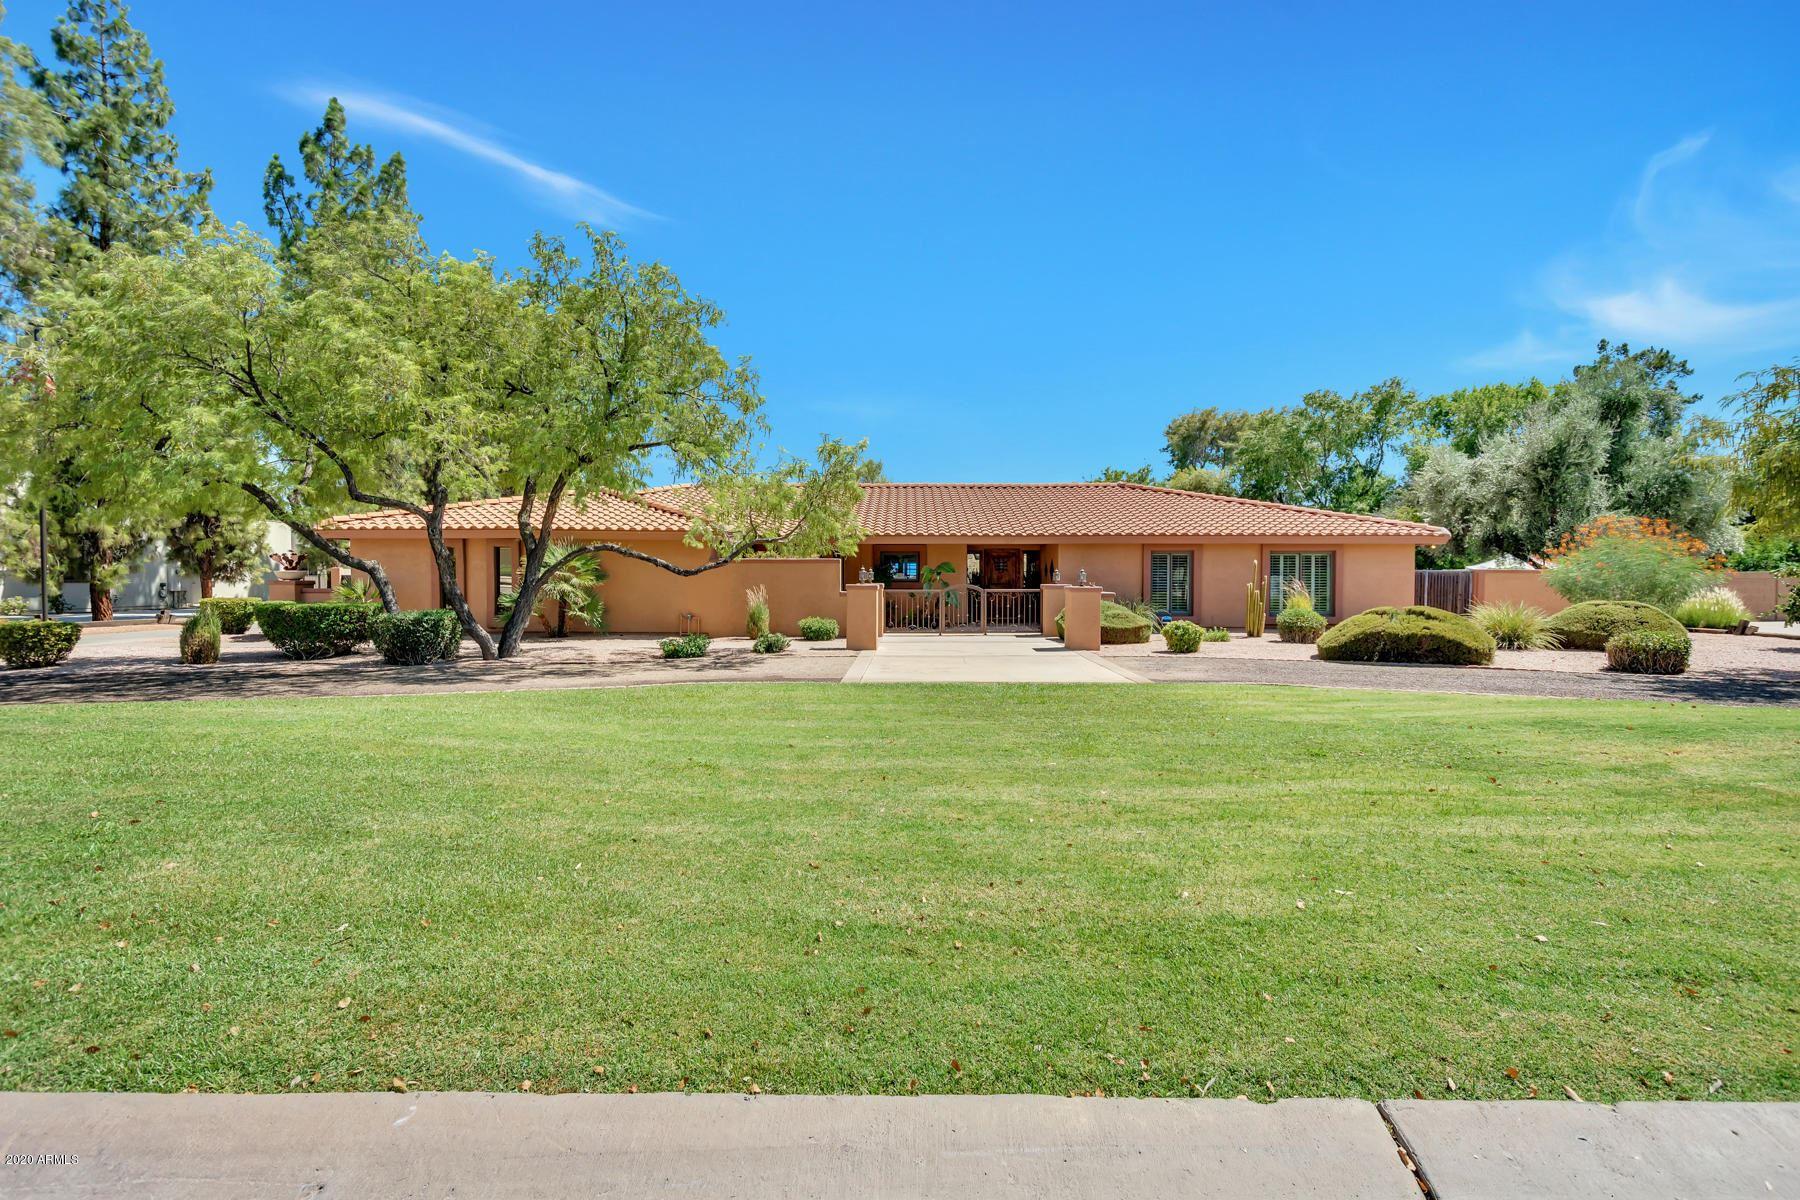 1037 E CARVER Road, Tempe, AZ 85284 - MLS#: 6113218